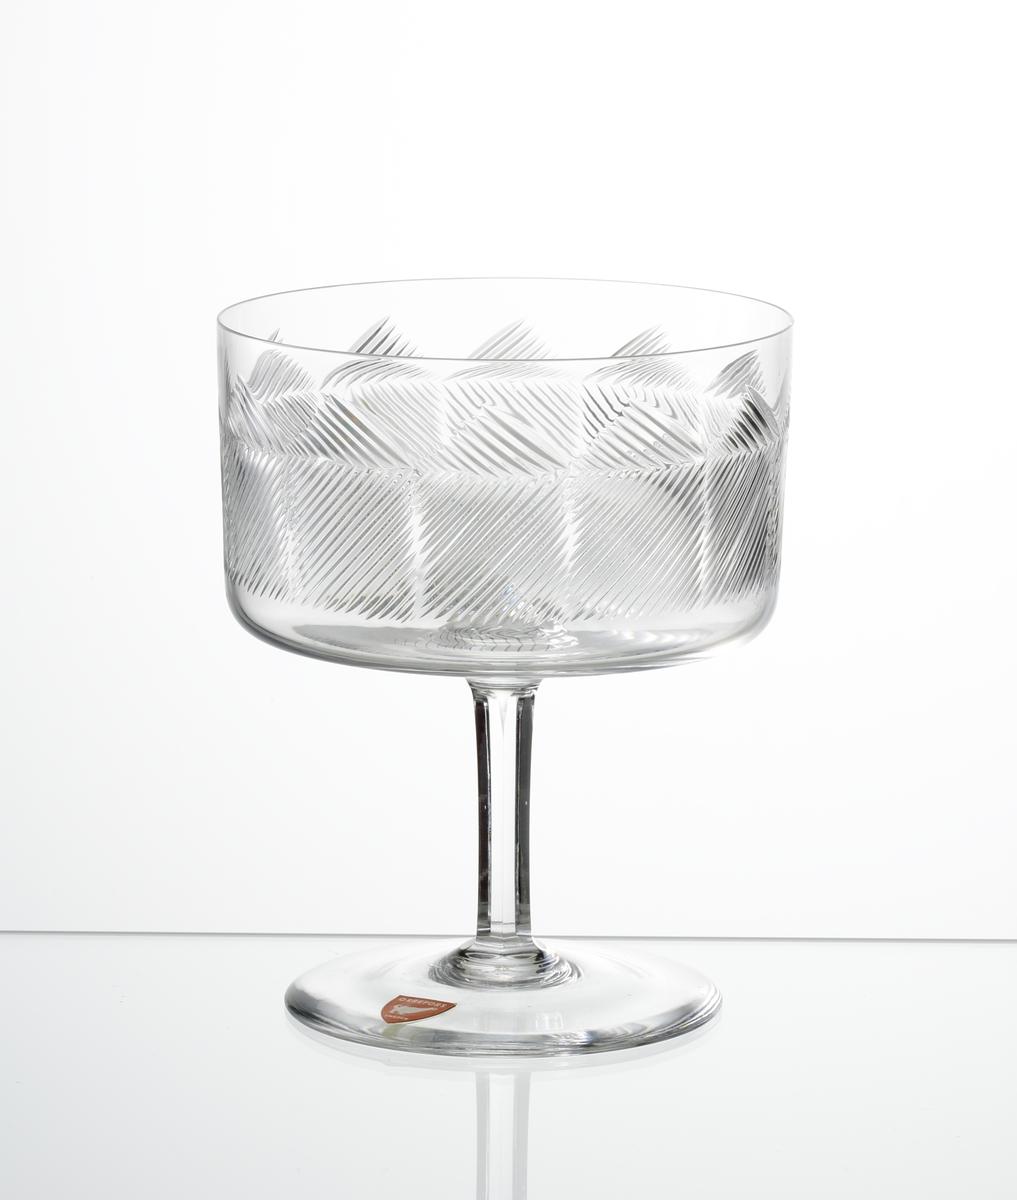 Champagneskål, cylindrisk kupa med skärslipade diagonala linjer som skapar ett geometriskt mönster. Fasettslipat ben och slät fot.